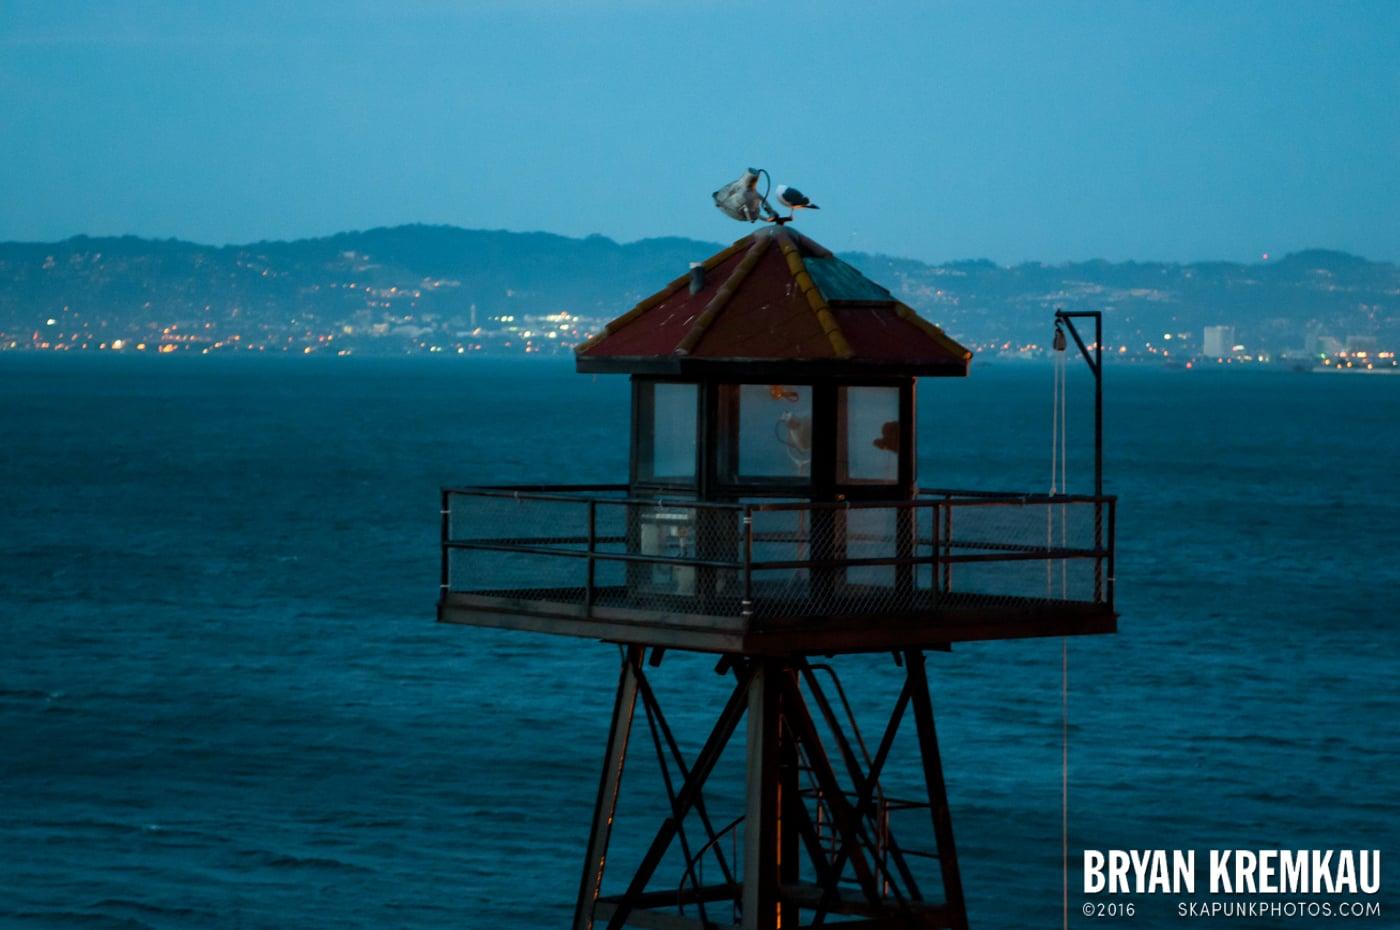 San Francisco Vacation - Day 3 - 4.30.12 (5)